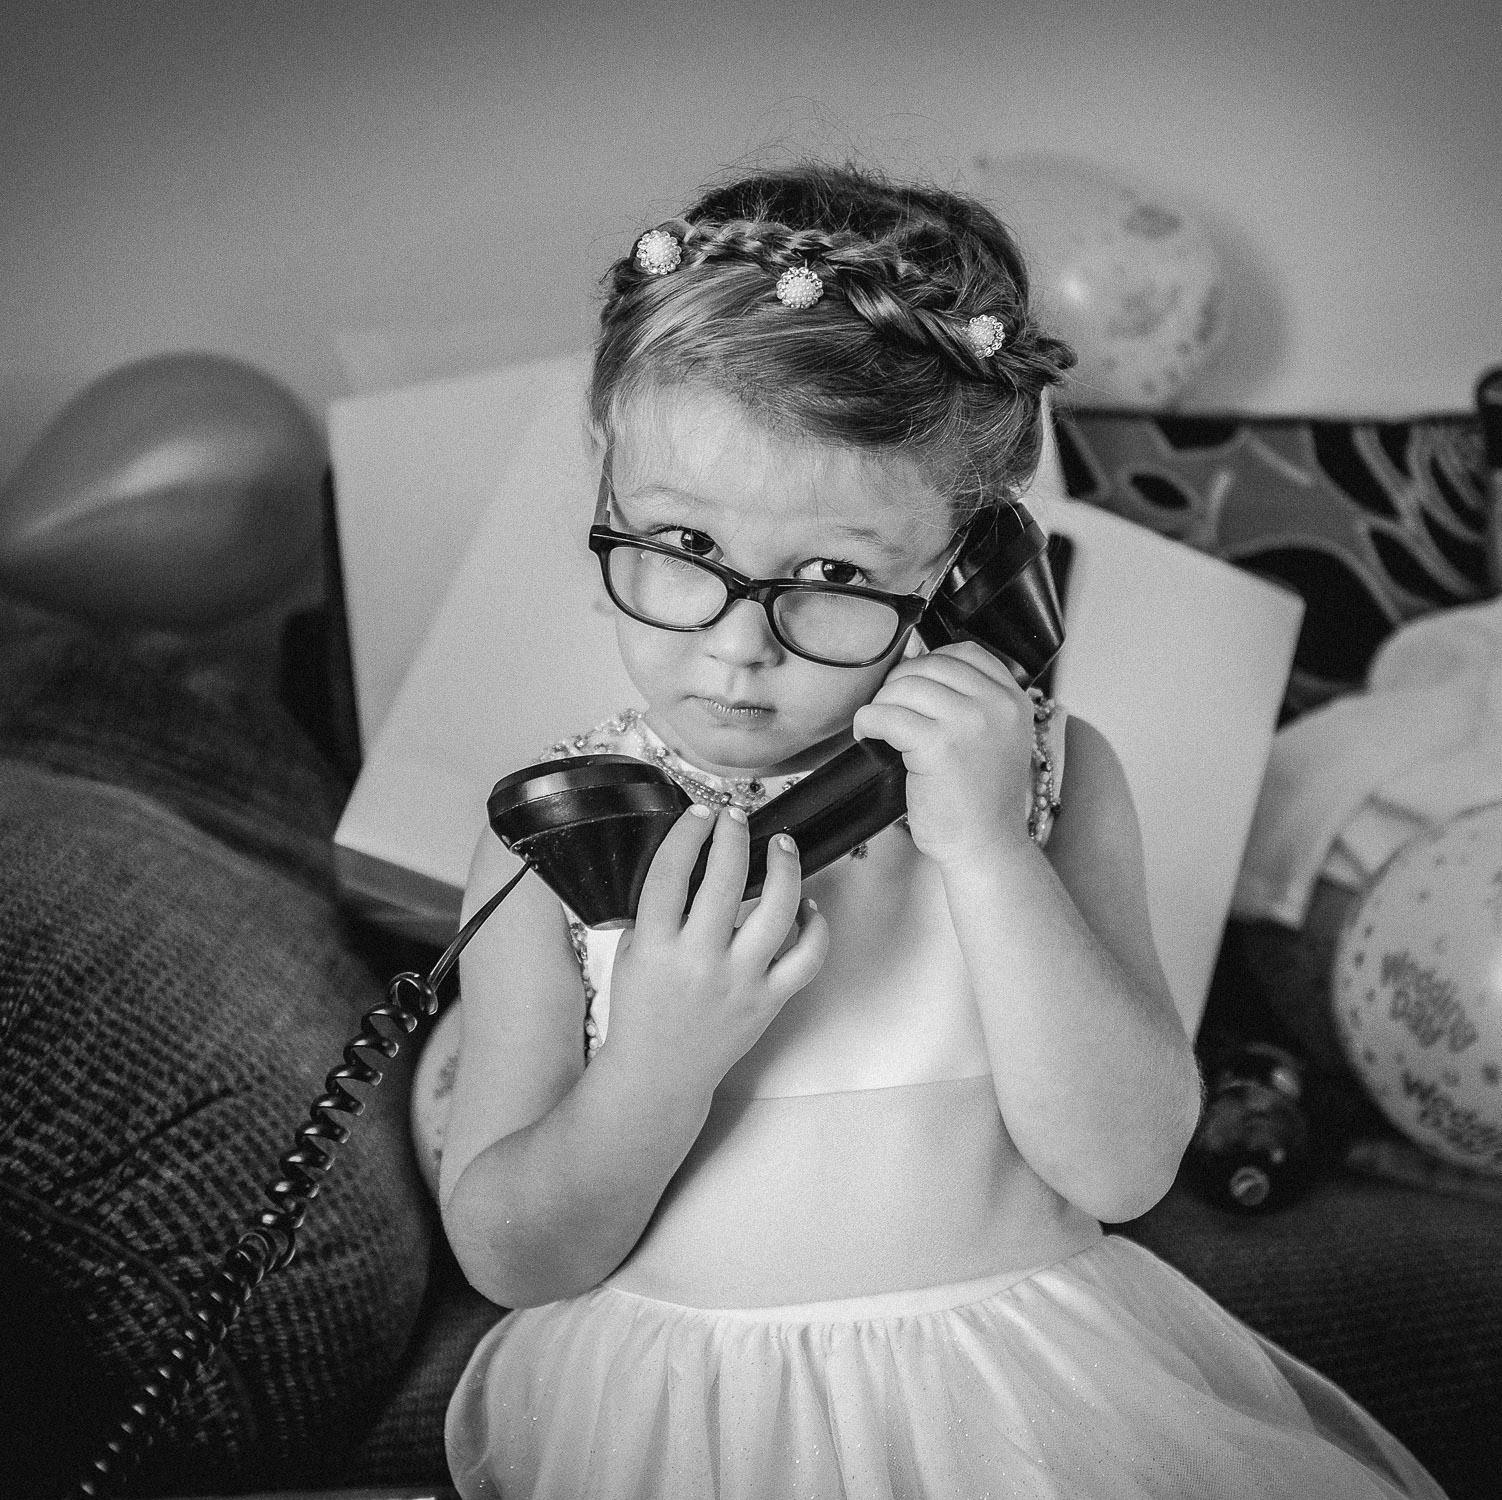 Little flower girl on old phone